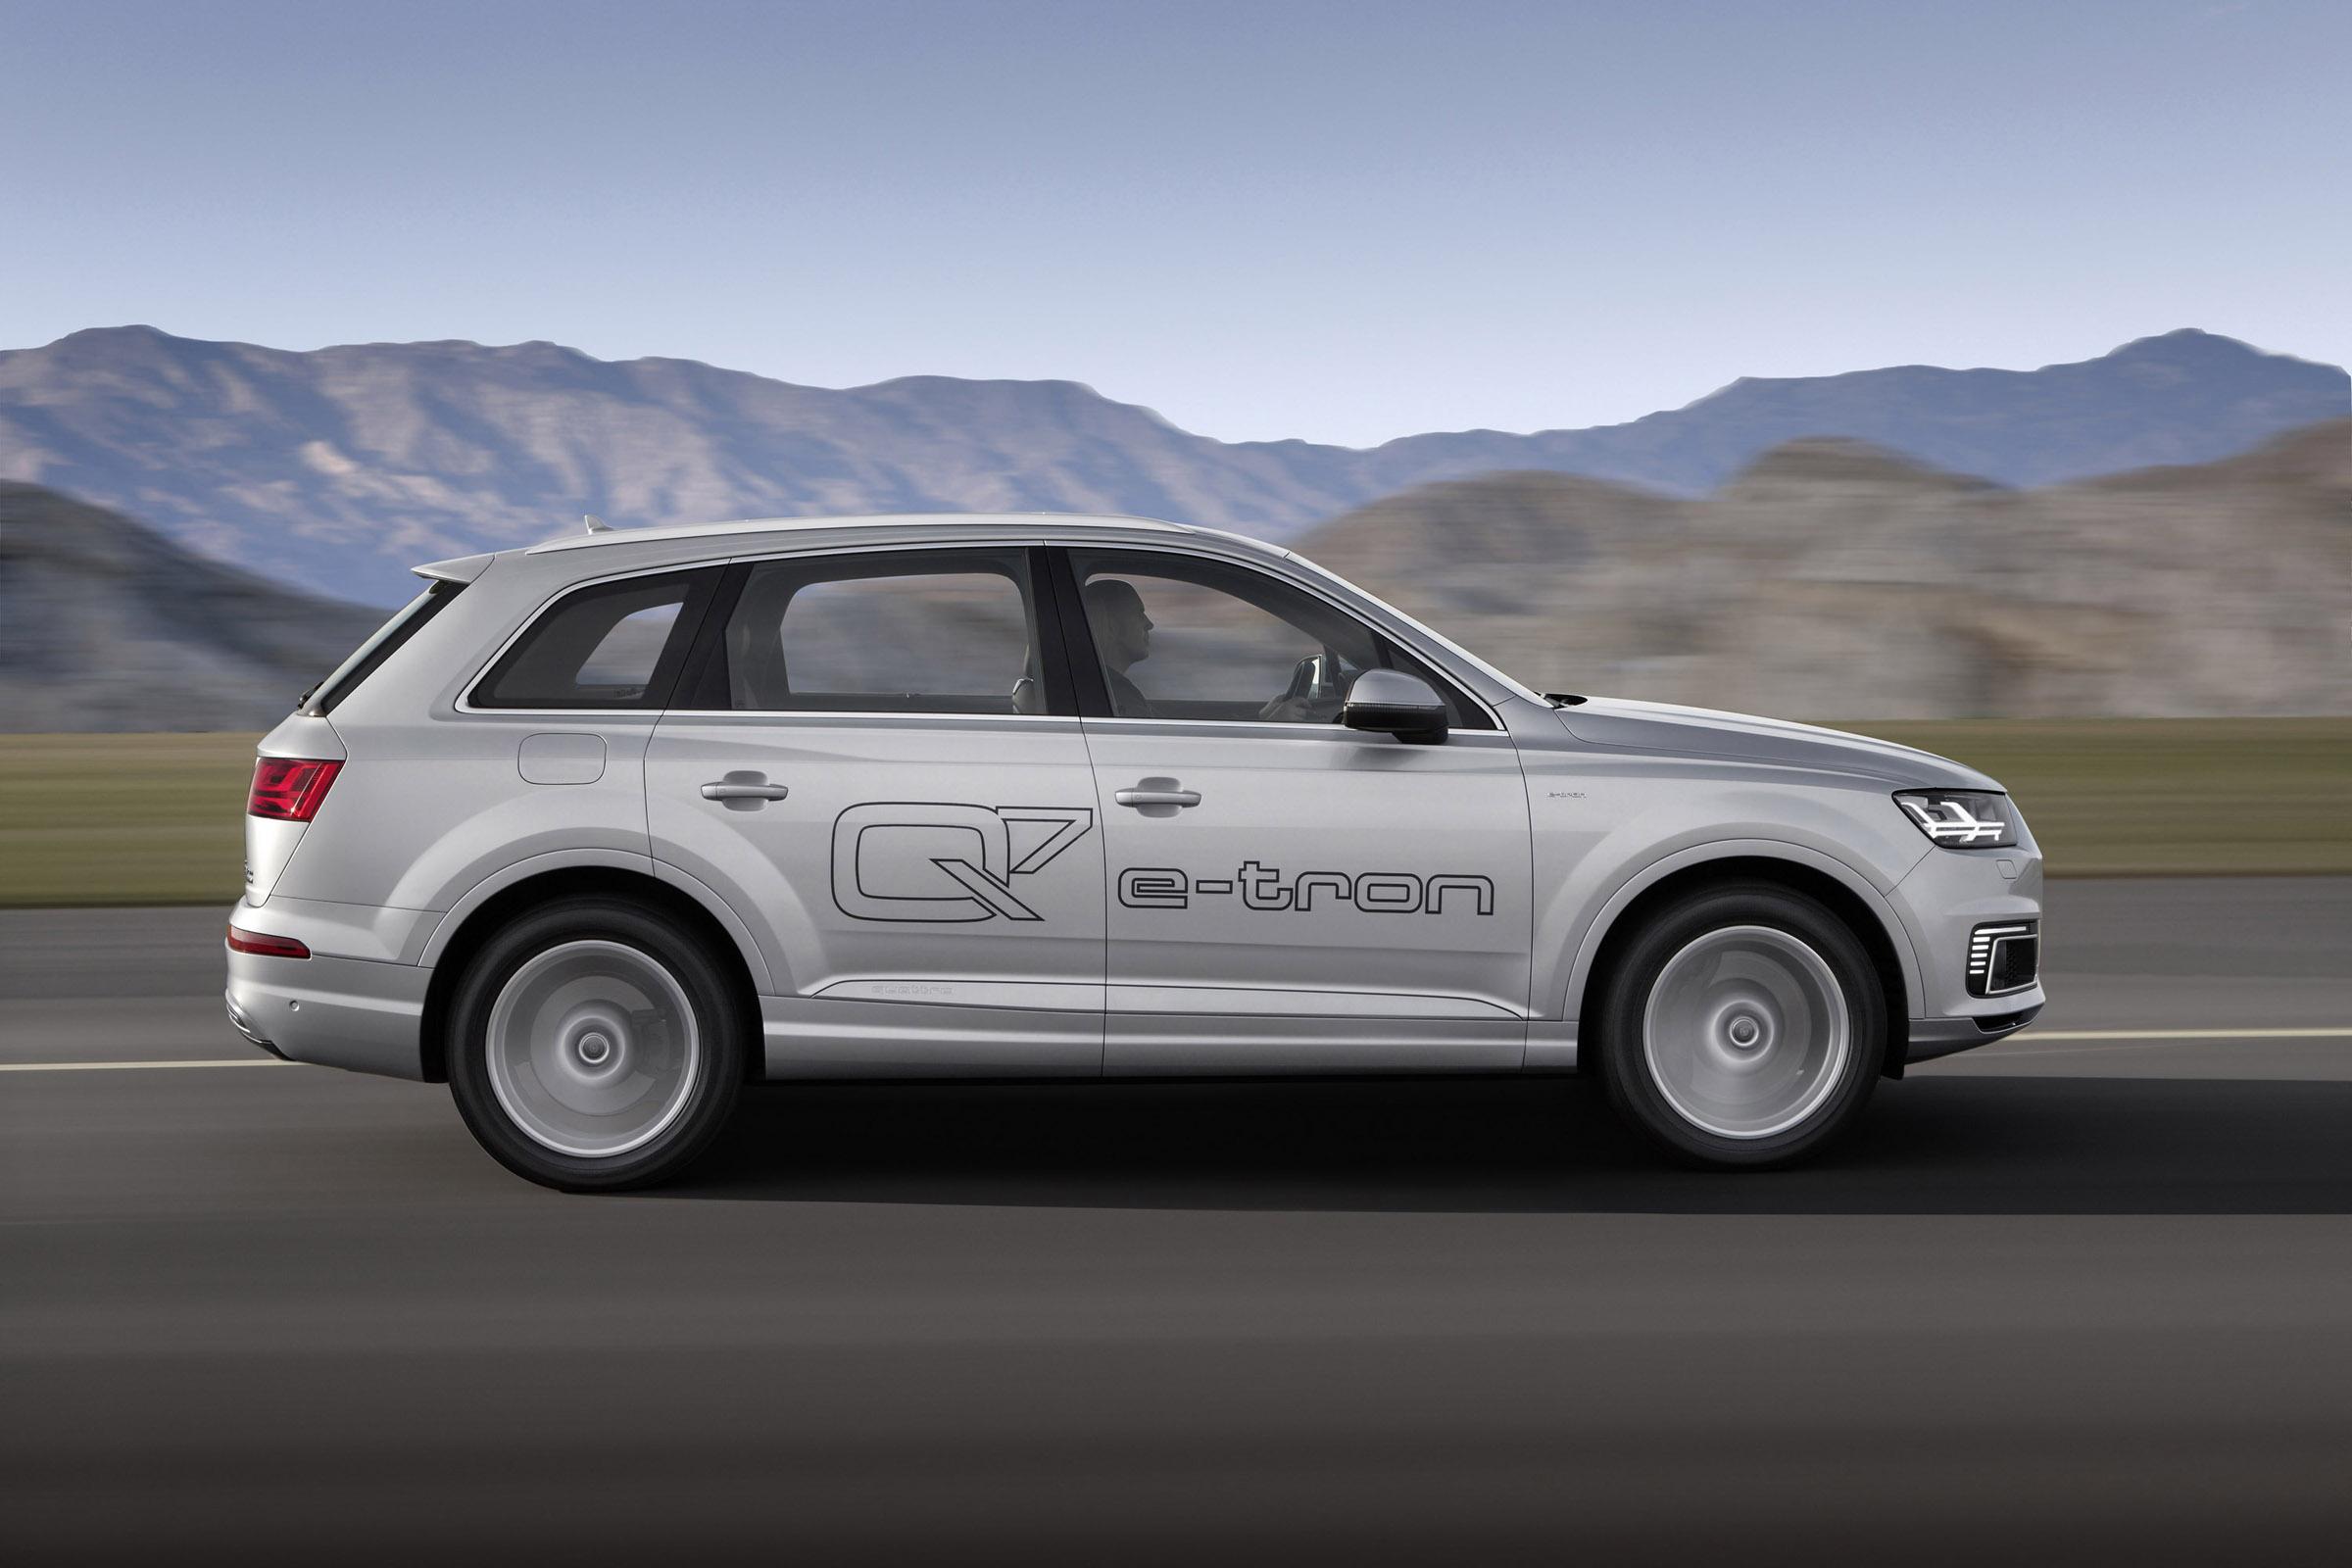 Audi q7 2015 fuel consumption 12